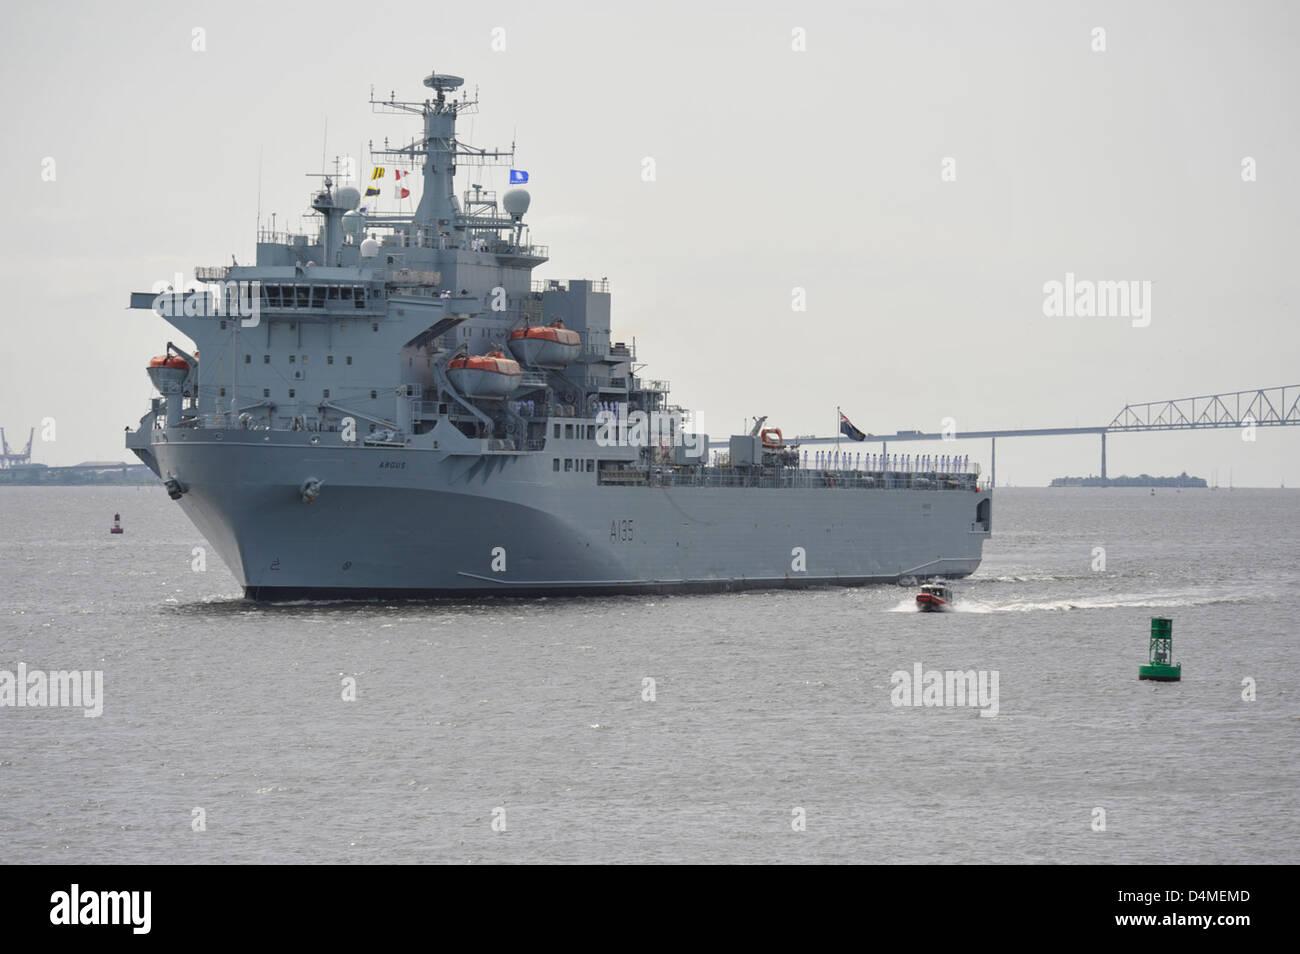 Coast Guard escorts British Naval ship during OpSail 2012 - Stock Image